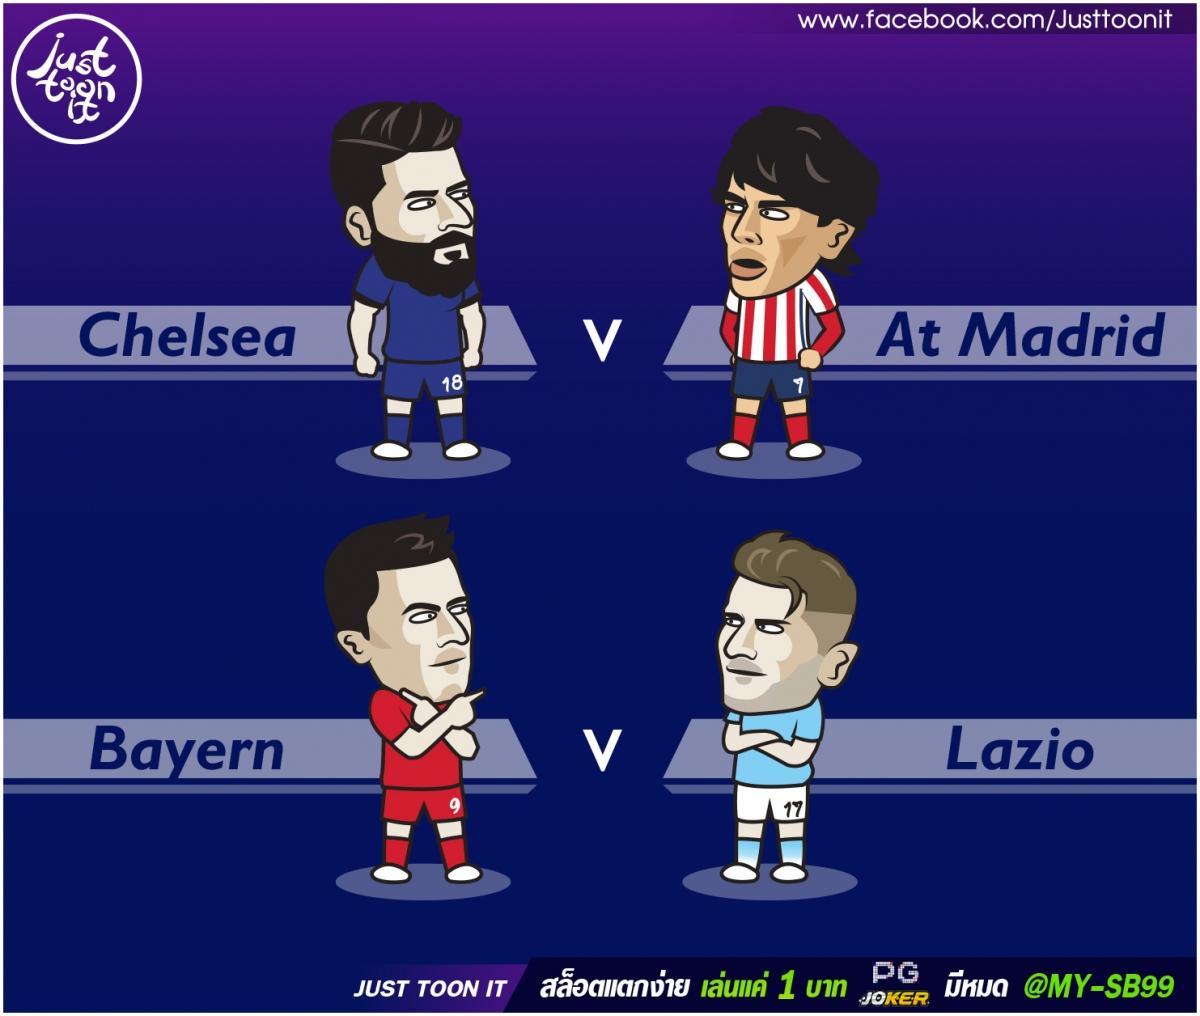 Biếm họa 24h: Benzema xứng đáng là huyền thoại của Real Madrid - Ảnh 4.